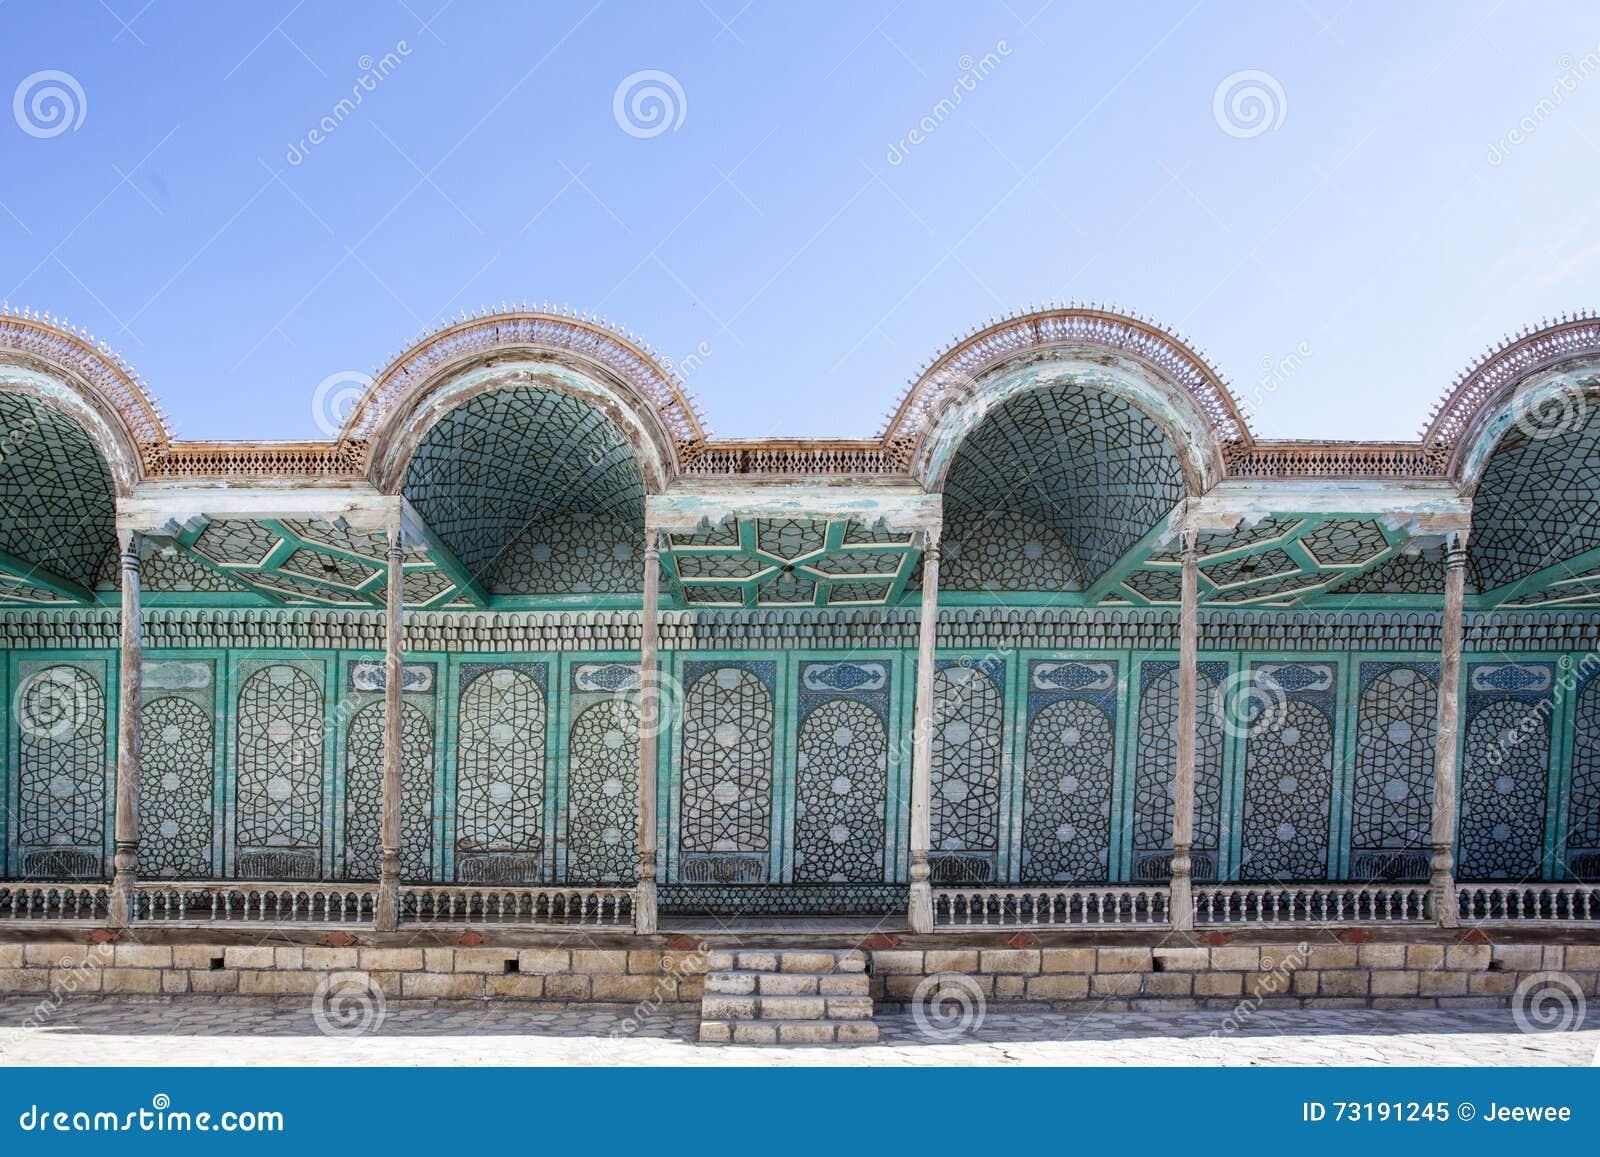 Fasada emira pałac Mohihosa w Bukhara, Uzbekistan, Środkowy Azja